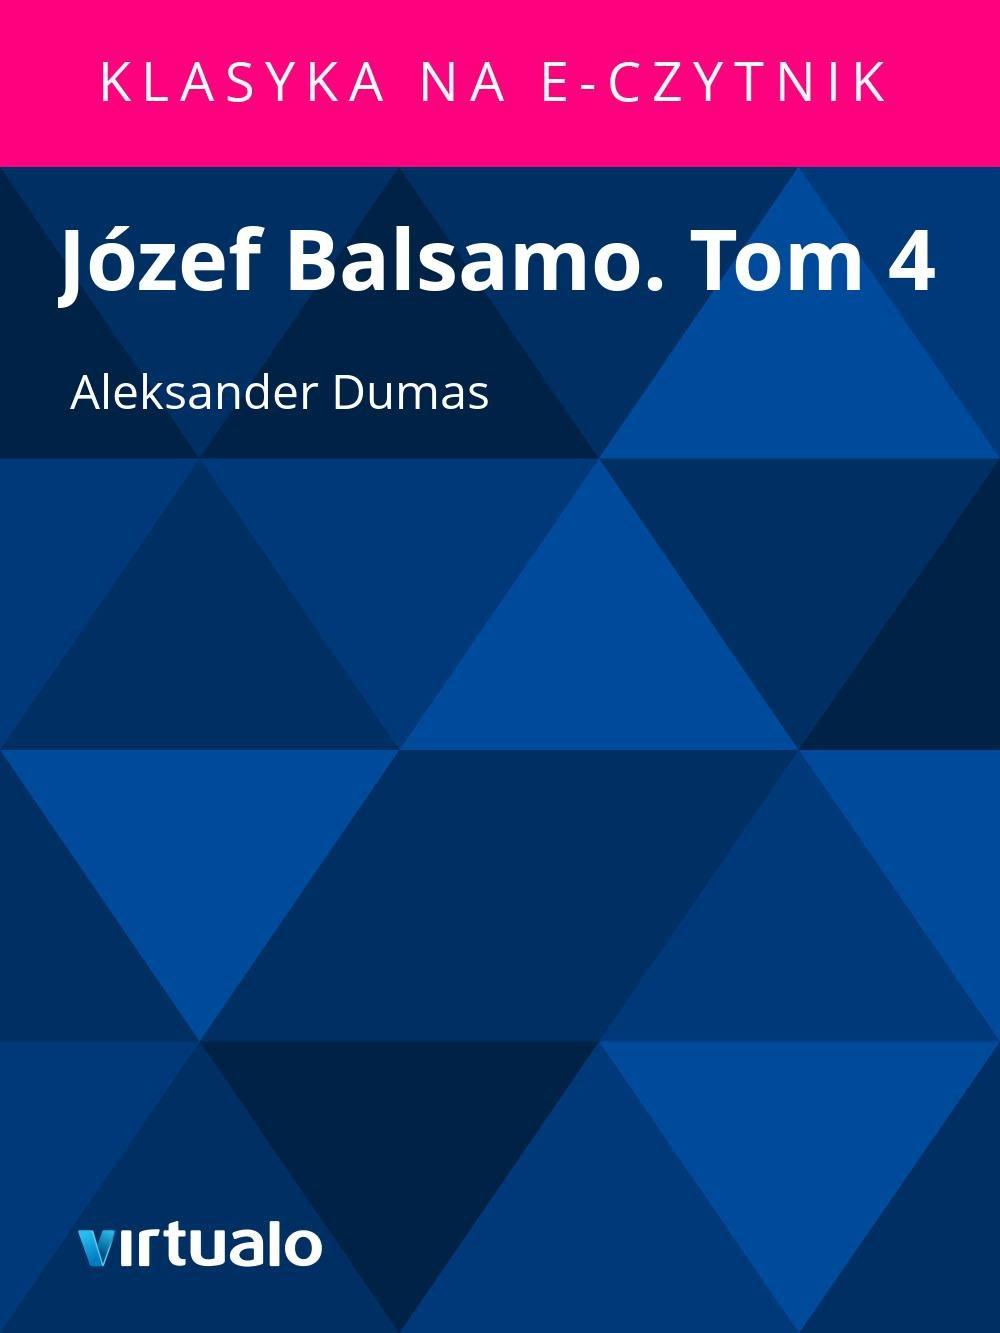 Józef Balsamo. Tom 4 - Ebook (Książka EPUB) do pobrania w formacie EPUB